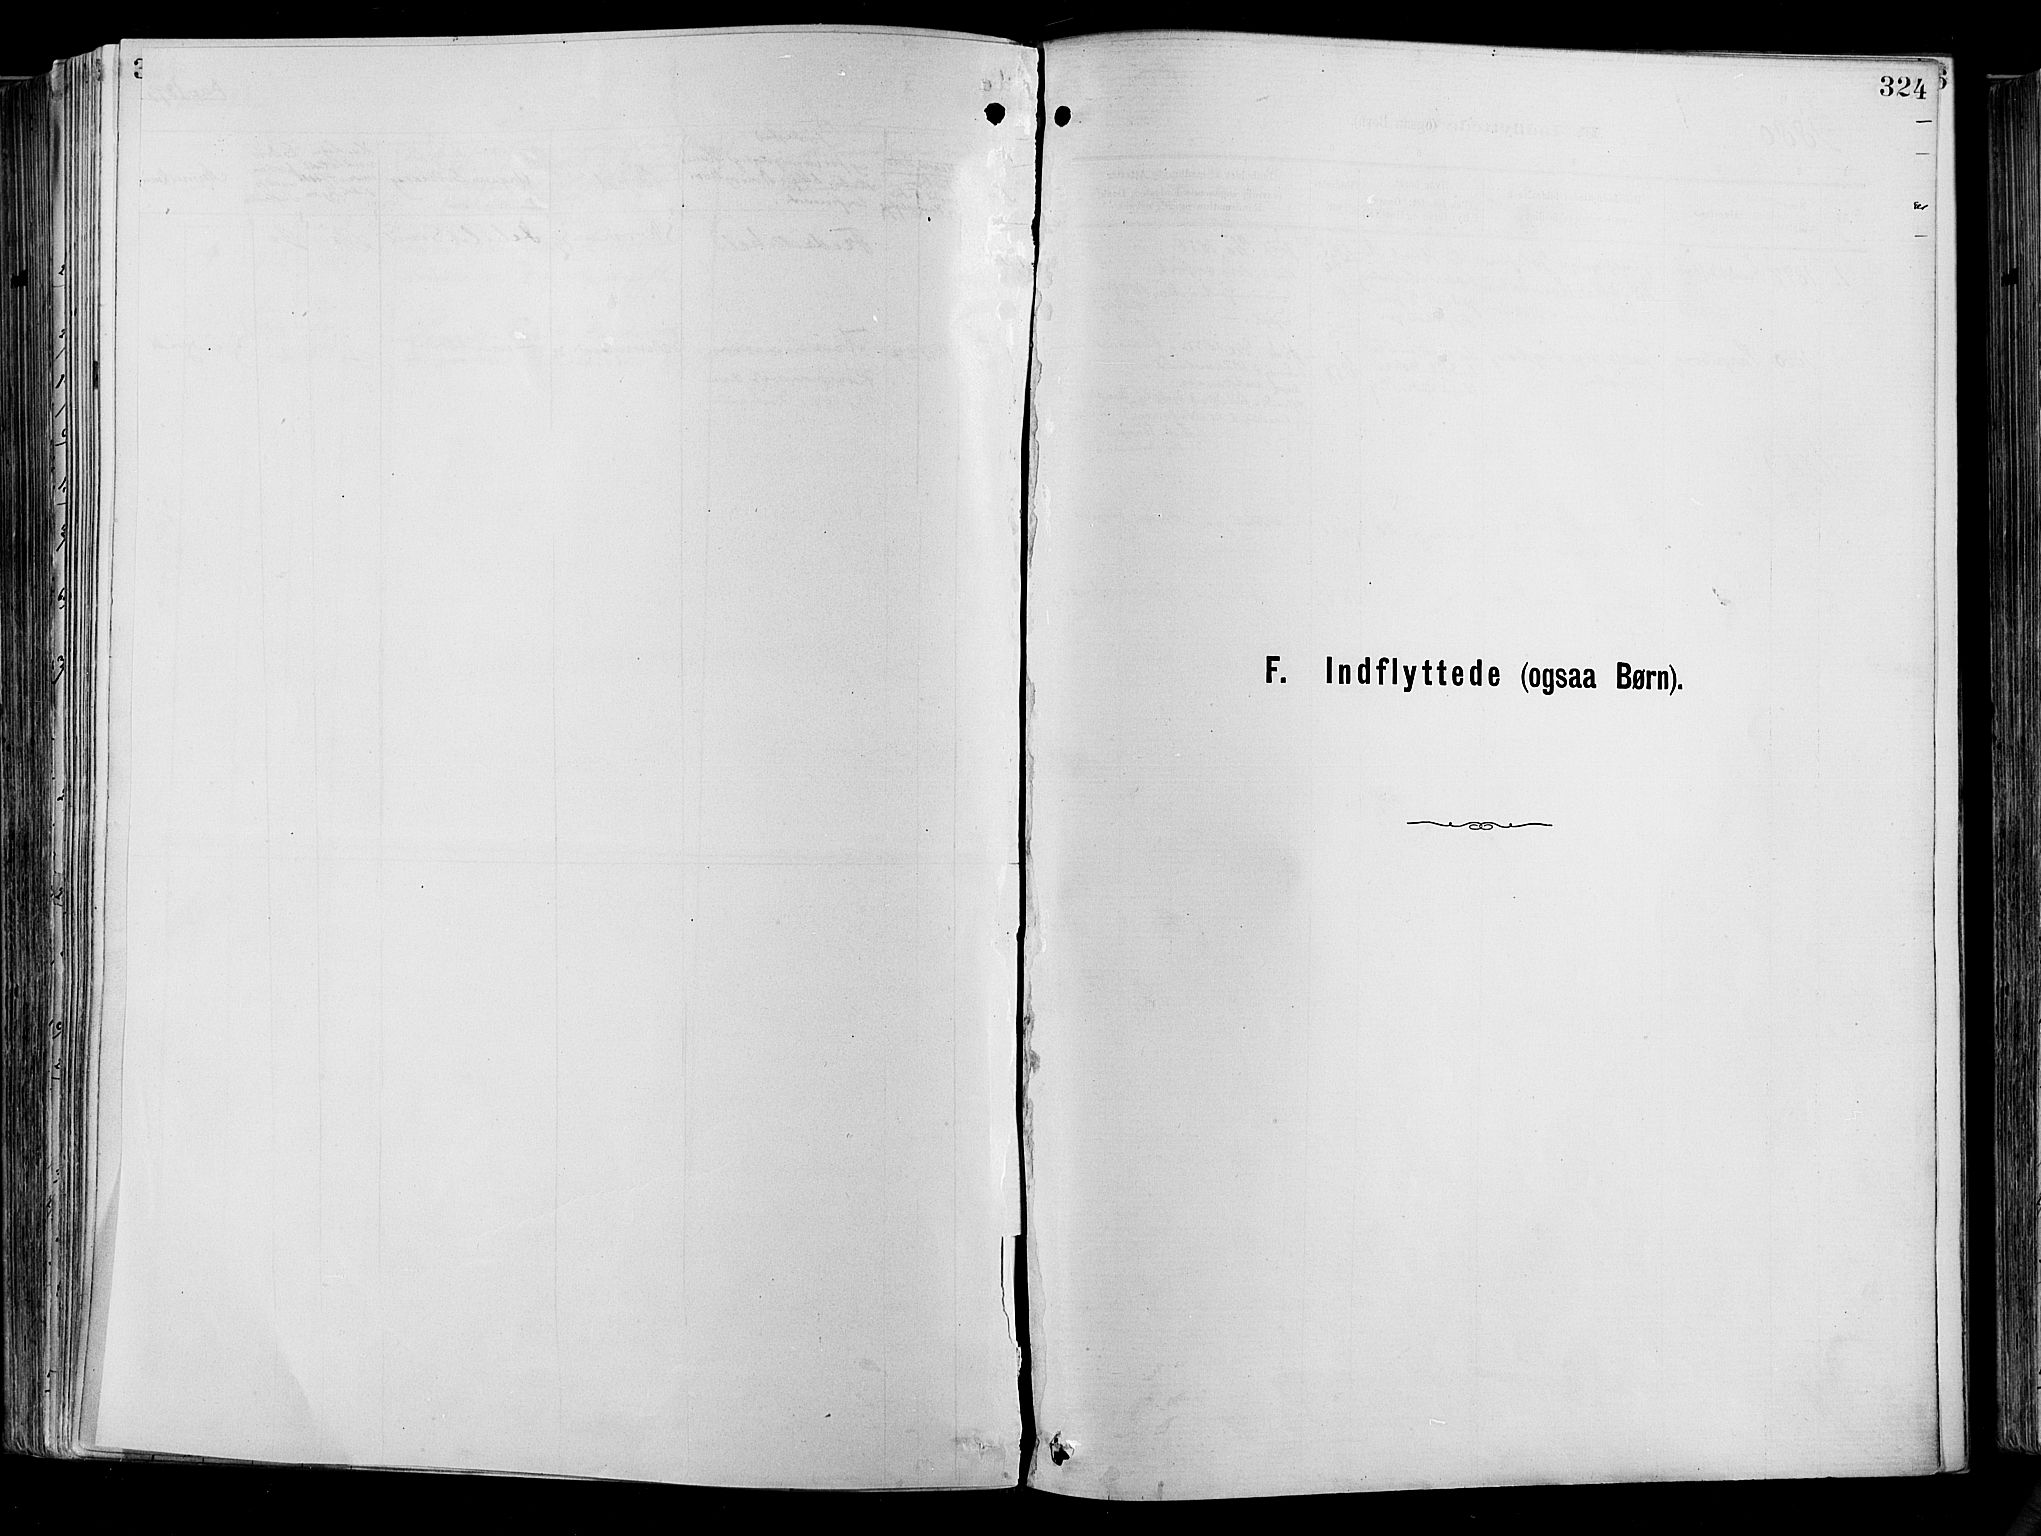 SAO, Garnisonsmenigheten Kirkebøker, F/Fa/L0012: Ministerialbok nr. 12, 1880-1893, s. 324